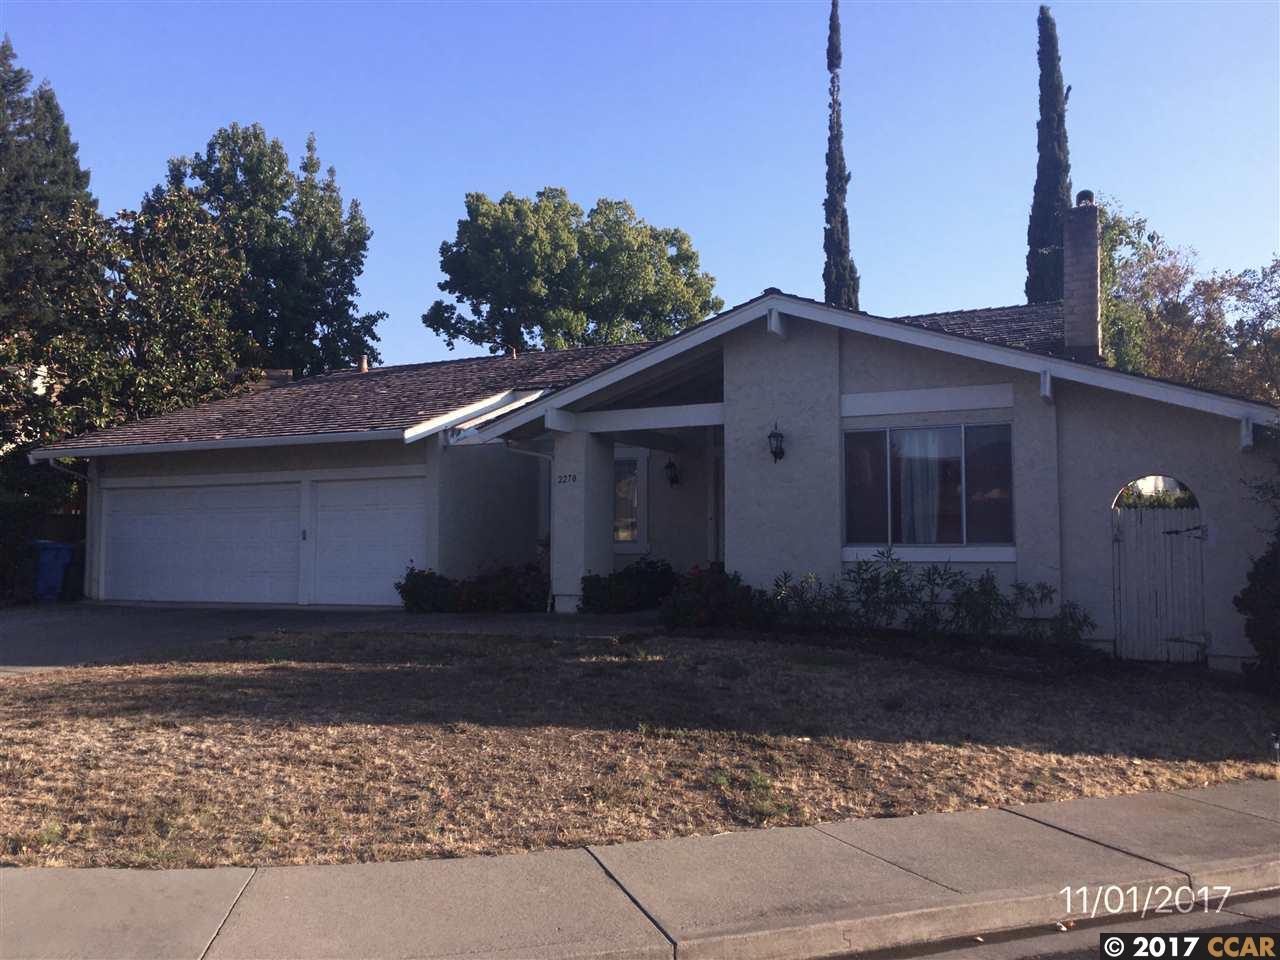 Частный односемейный дом для того Продажа на 2270 Bromfield Court 2270 Bromfield Court Walnut Creek, Калифорния 94596 Соединенные Штаты